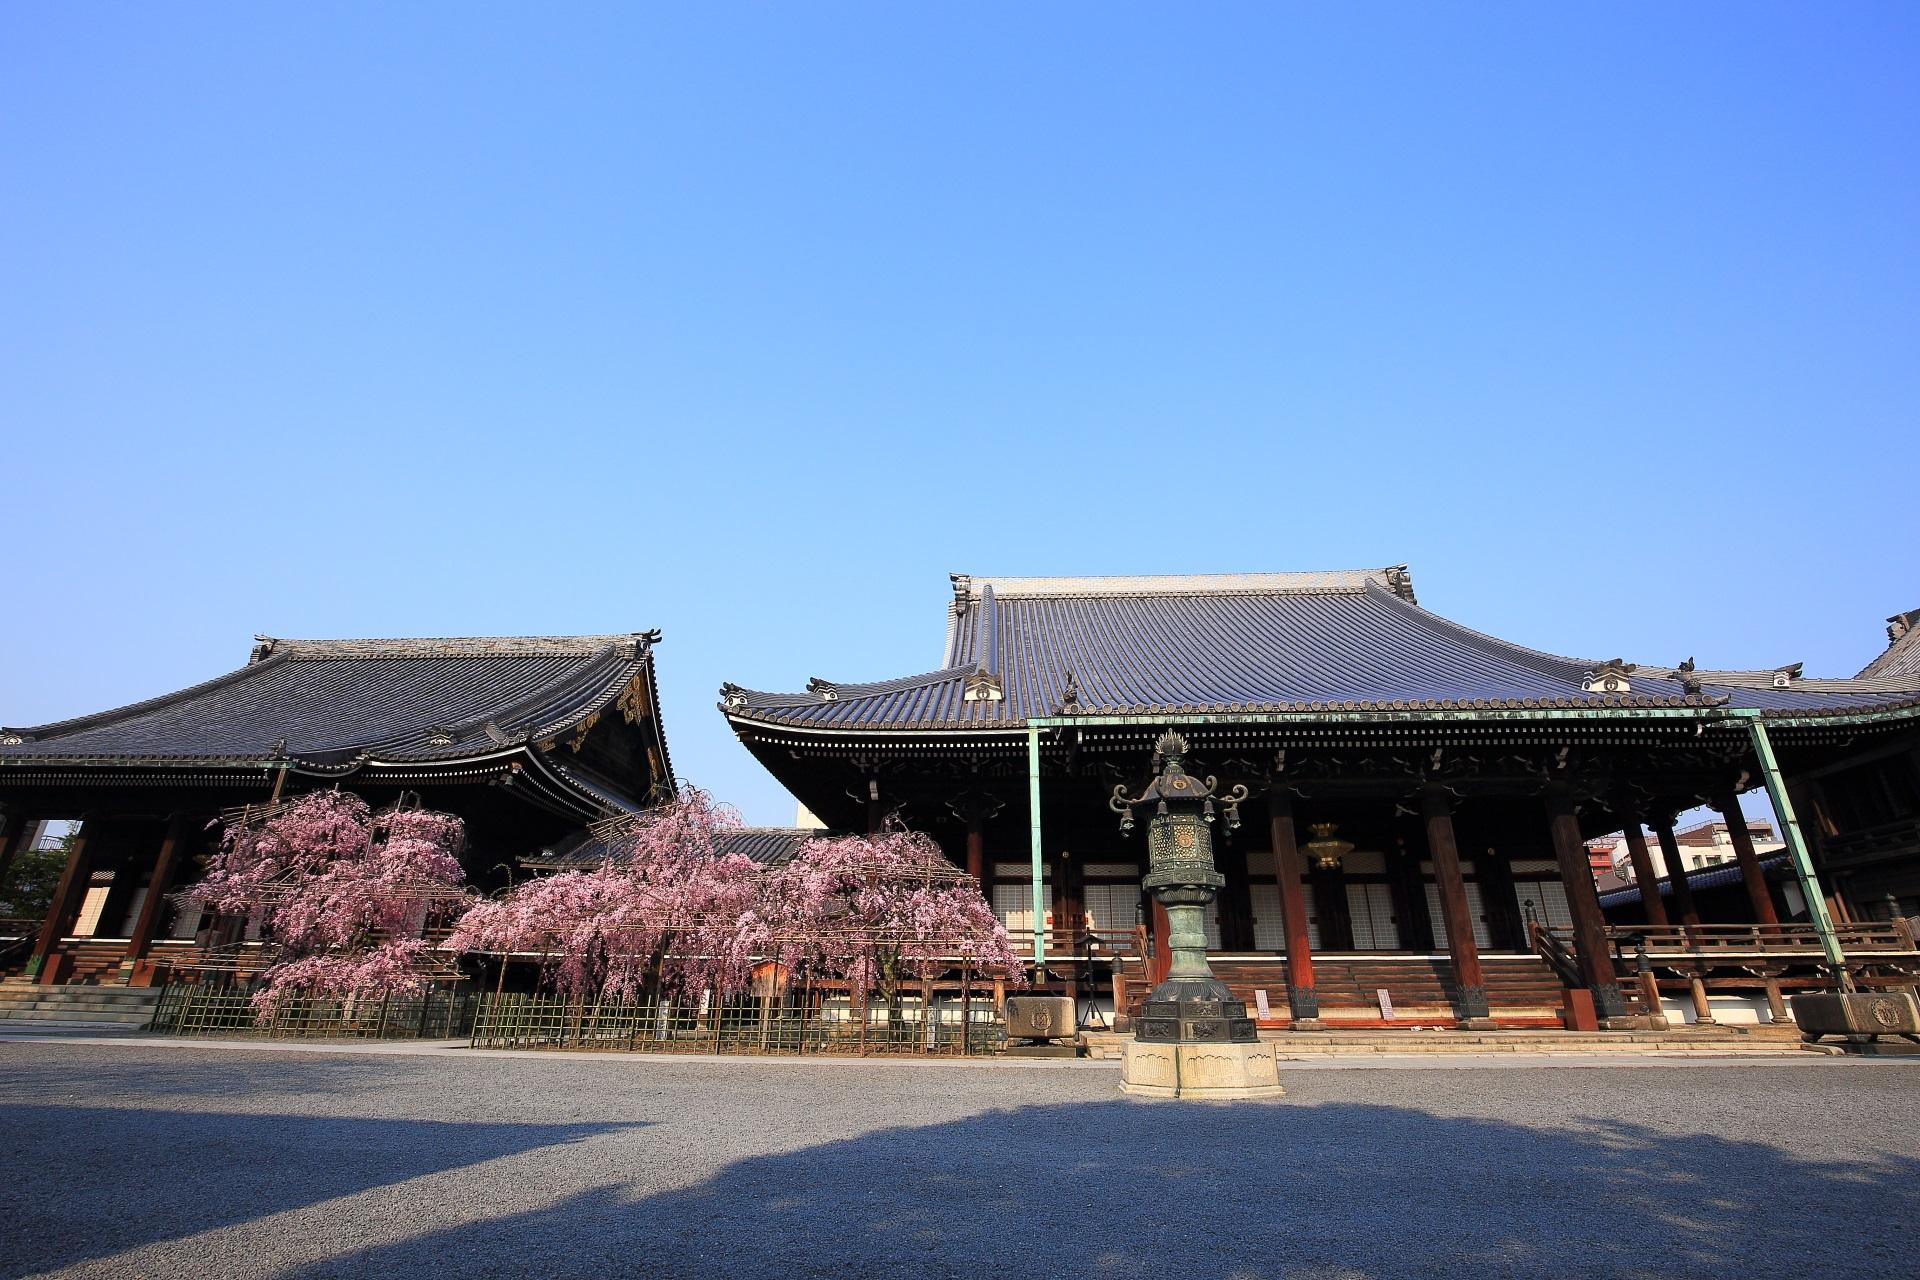 絵になる雄大な一対の伽藍と一対のしだれ桜